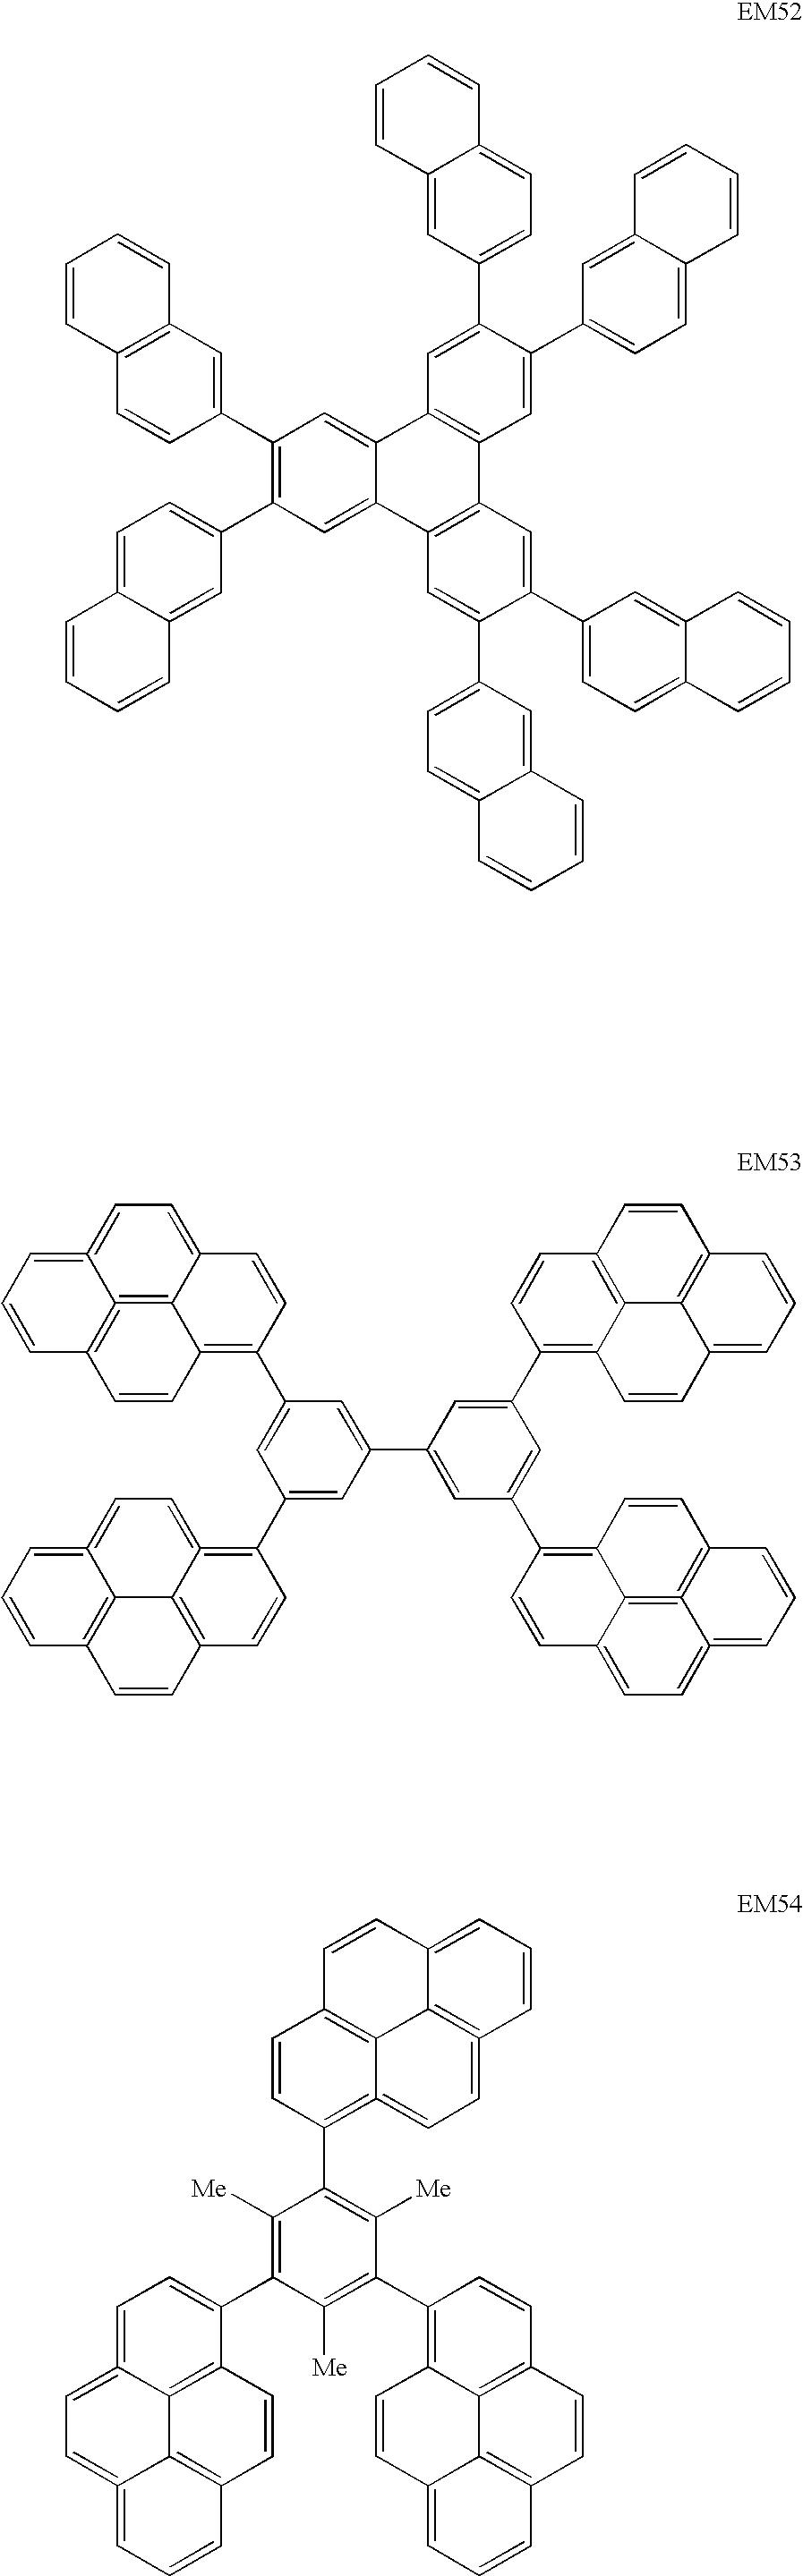 Figure US20060033421A1-20060216-C00024